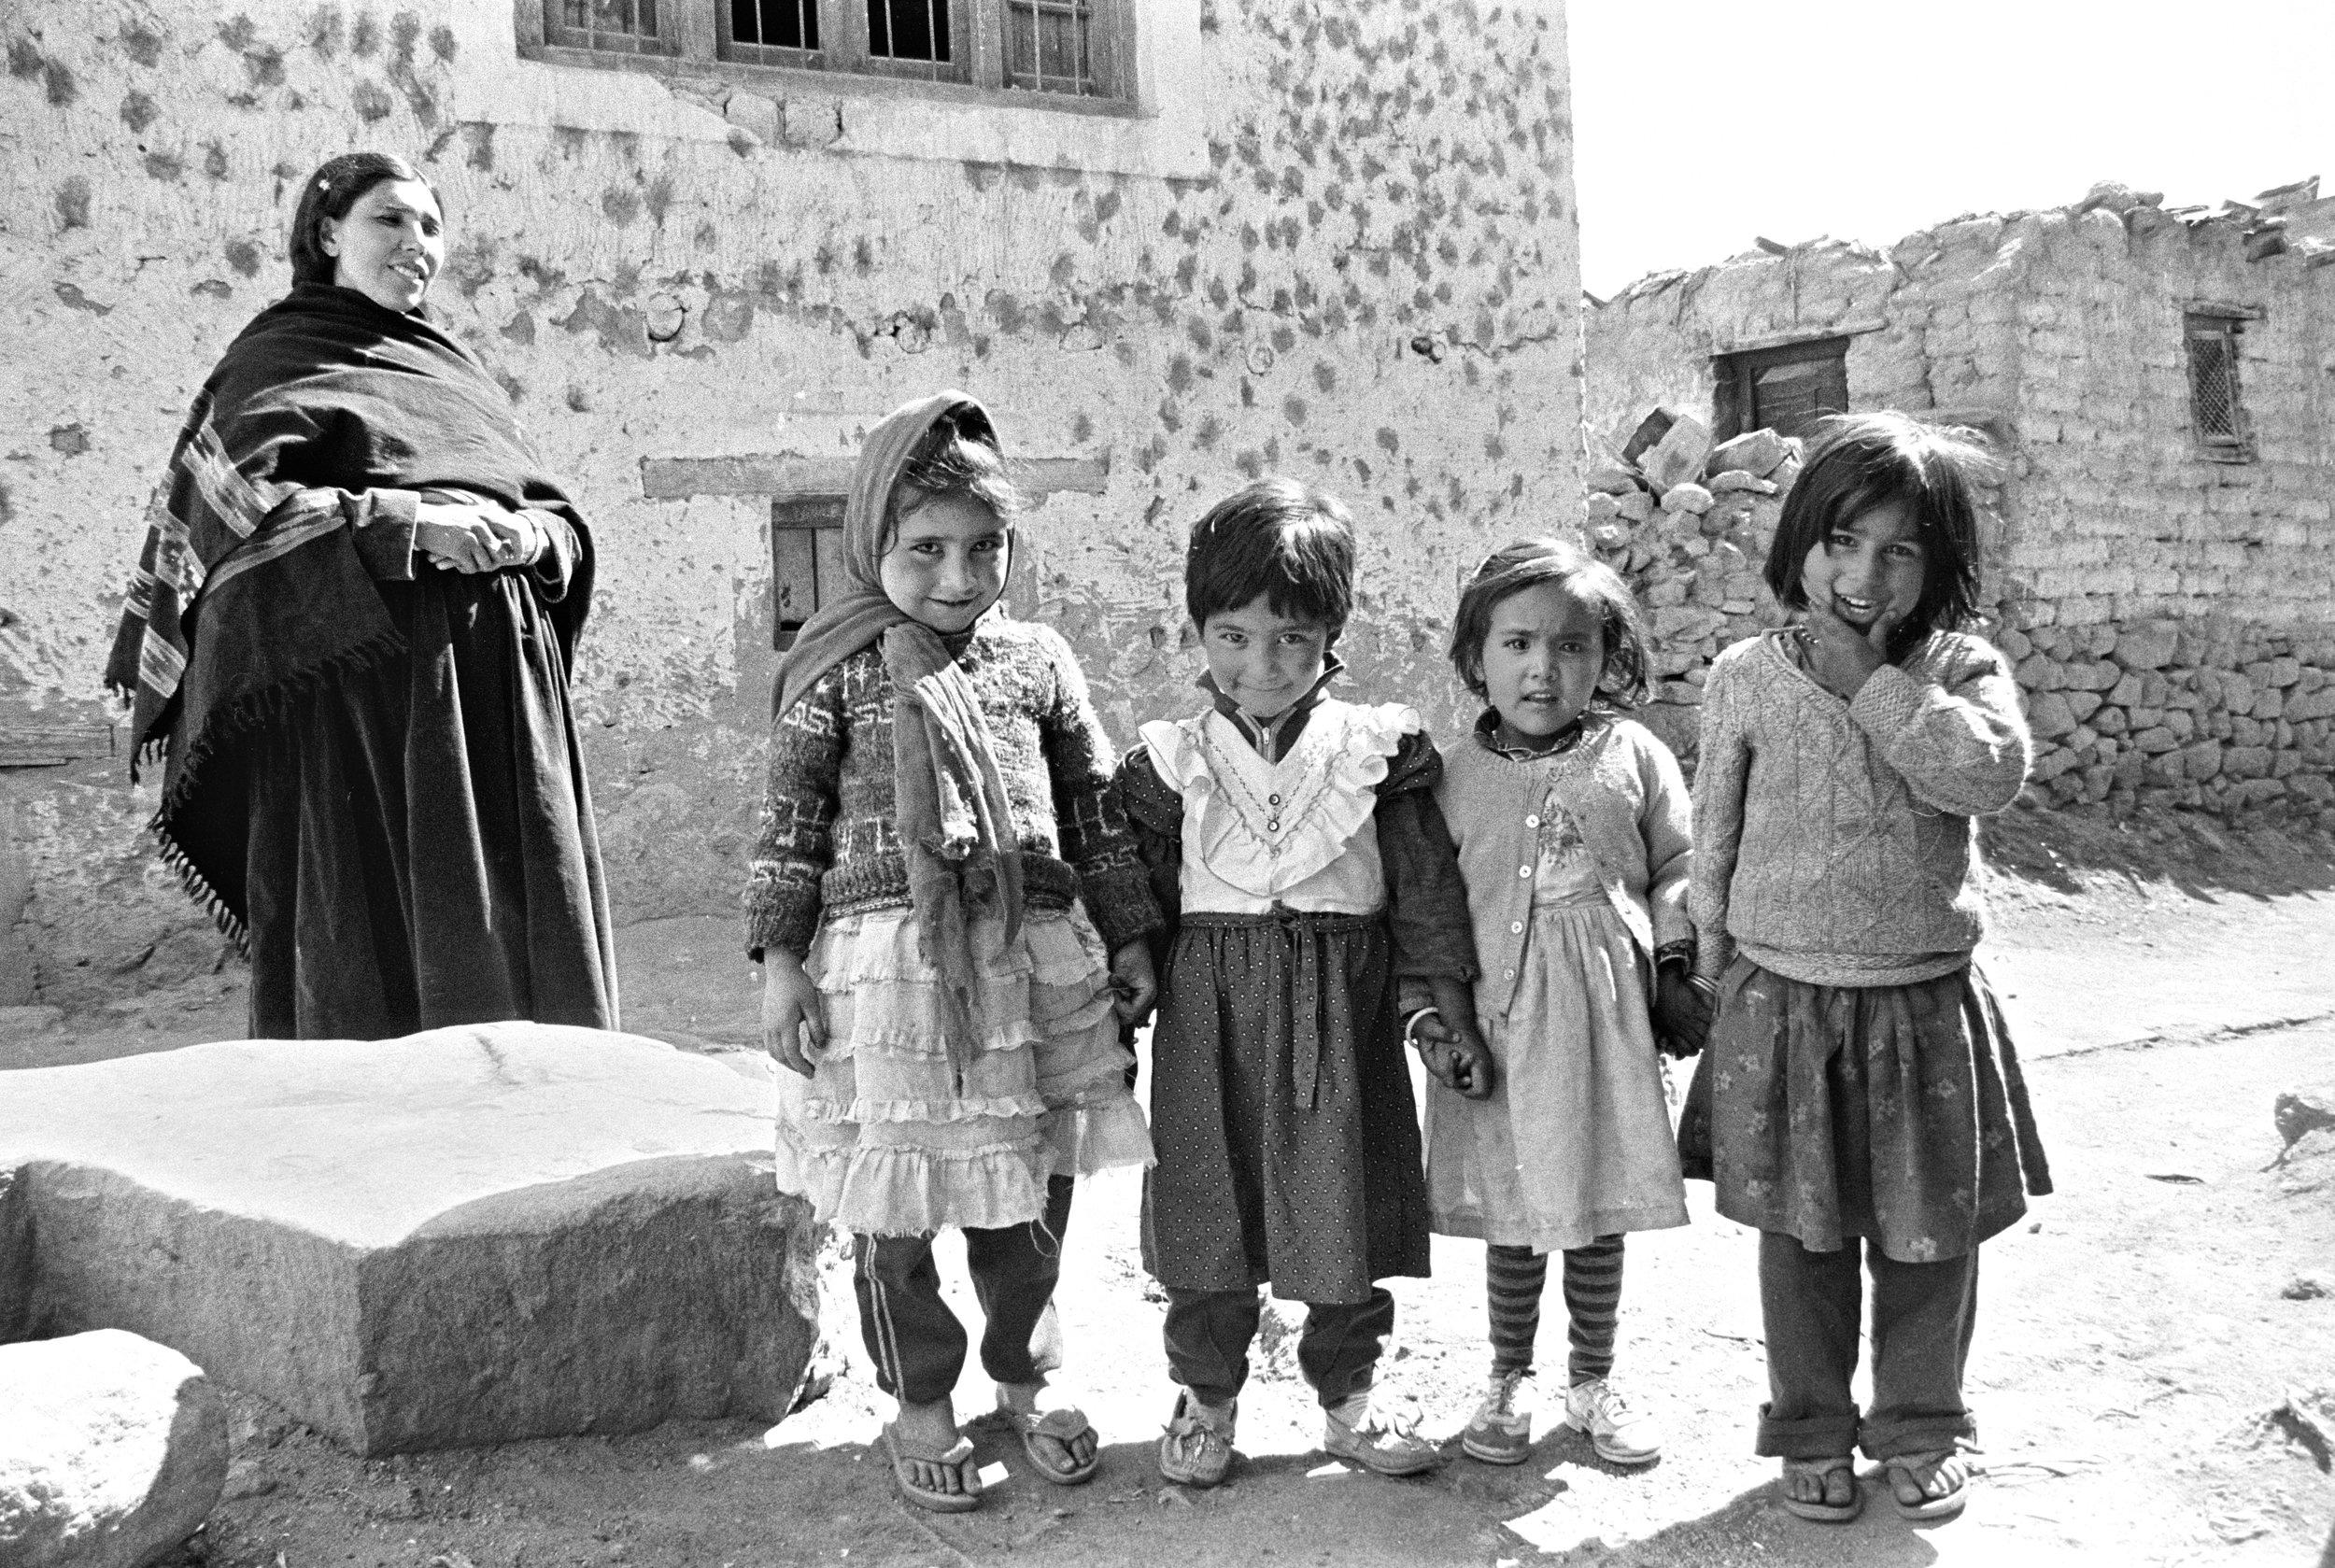 Ladakh, India, 1986